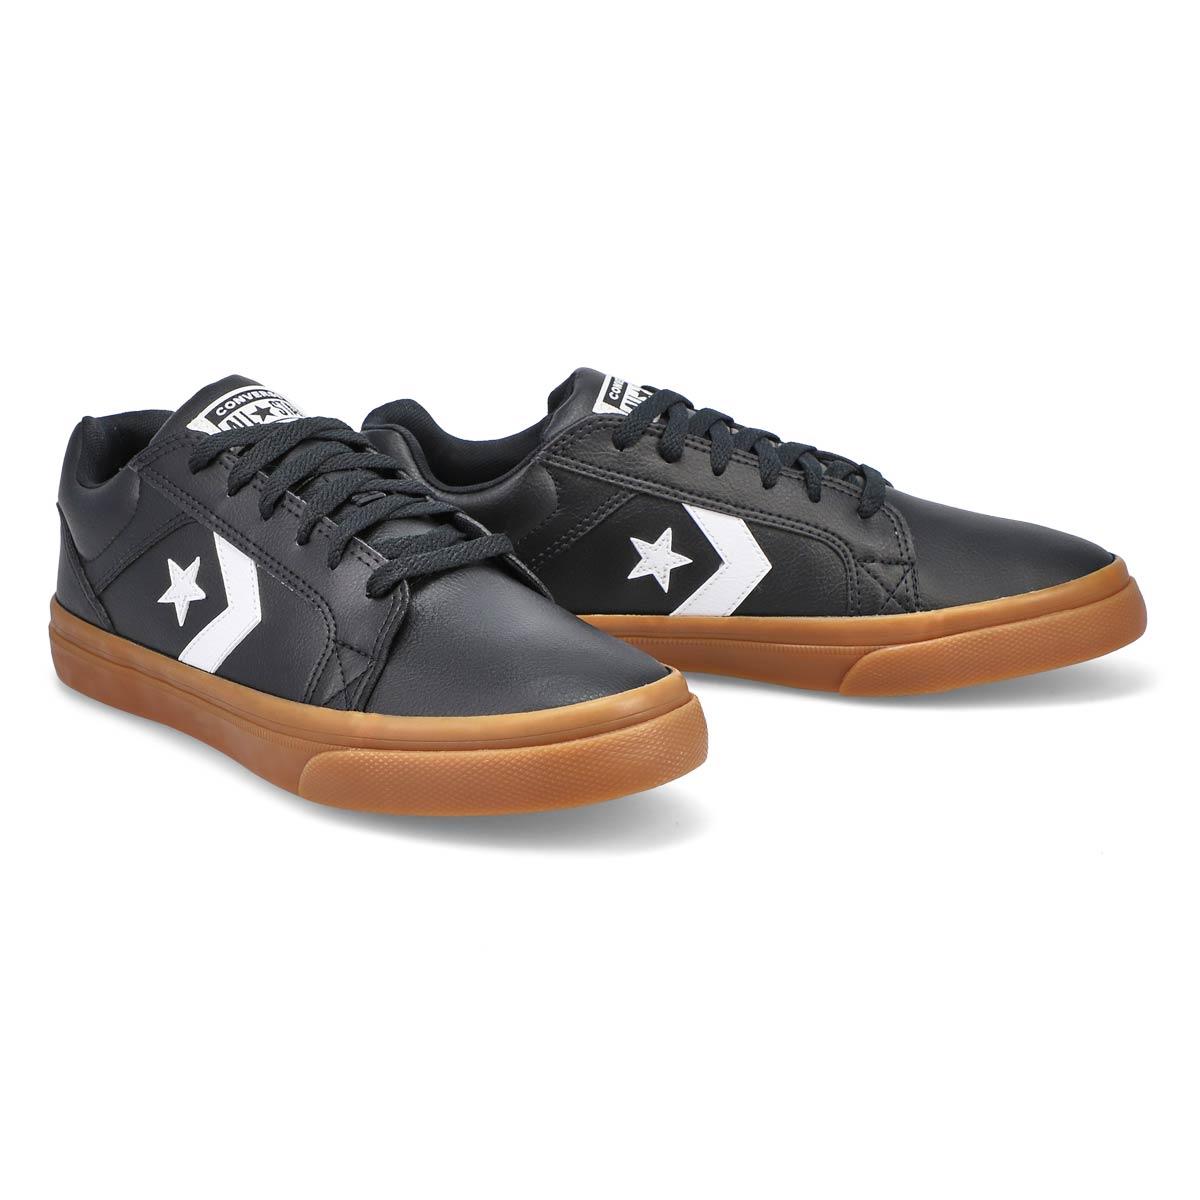 Men's El Distrito 2.0 Sneaker - Black/White/Gum